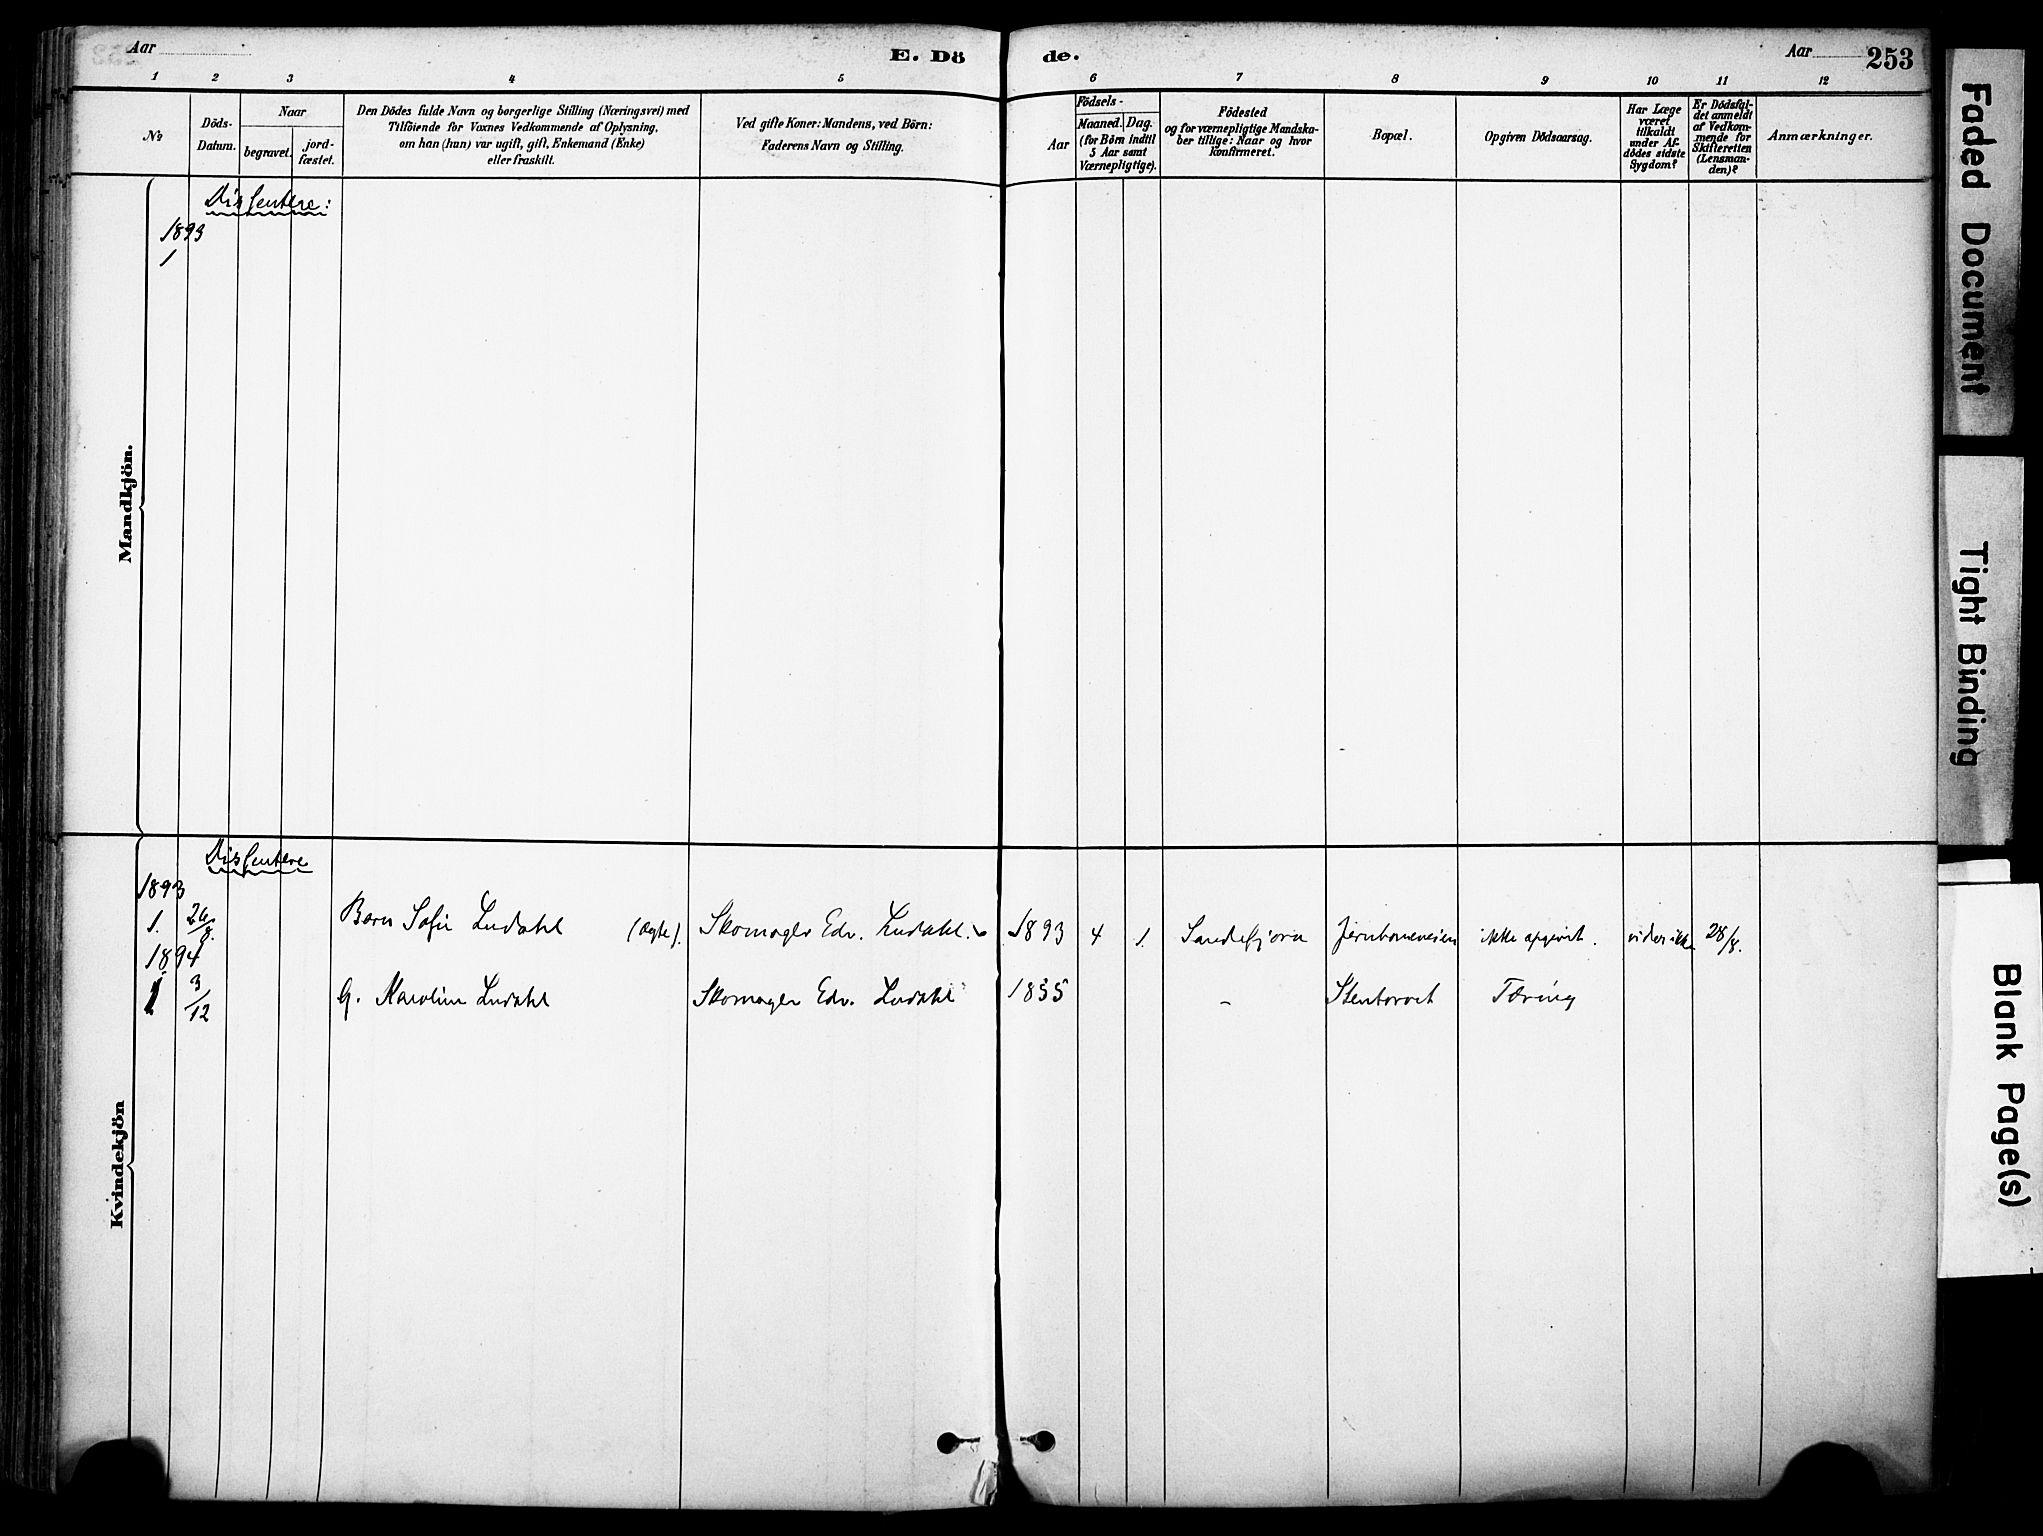 SAKO, Sandefjord kirkebøker, F/Fa/L0002: Ministerialbok nr. 2, 1880-1894, s. 253